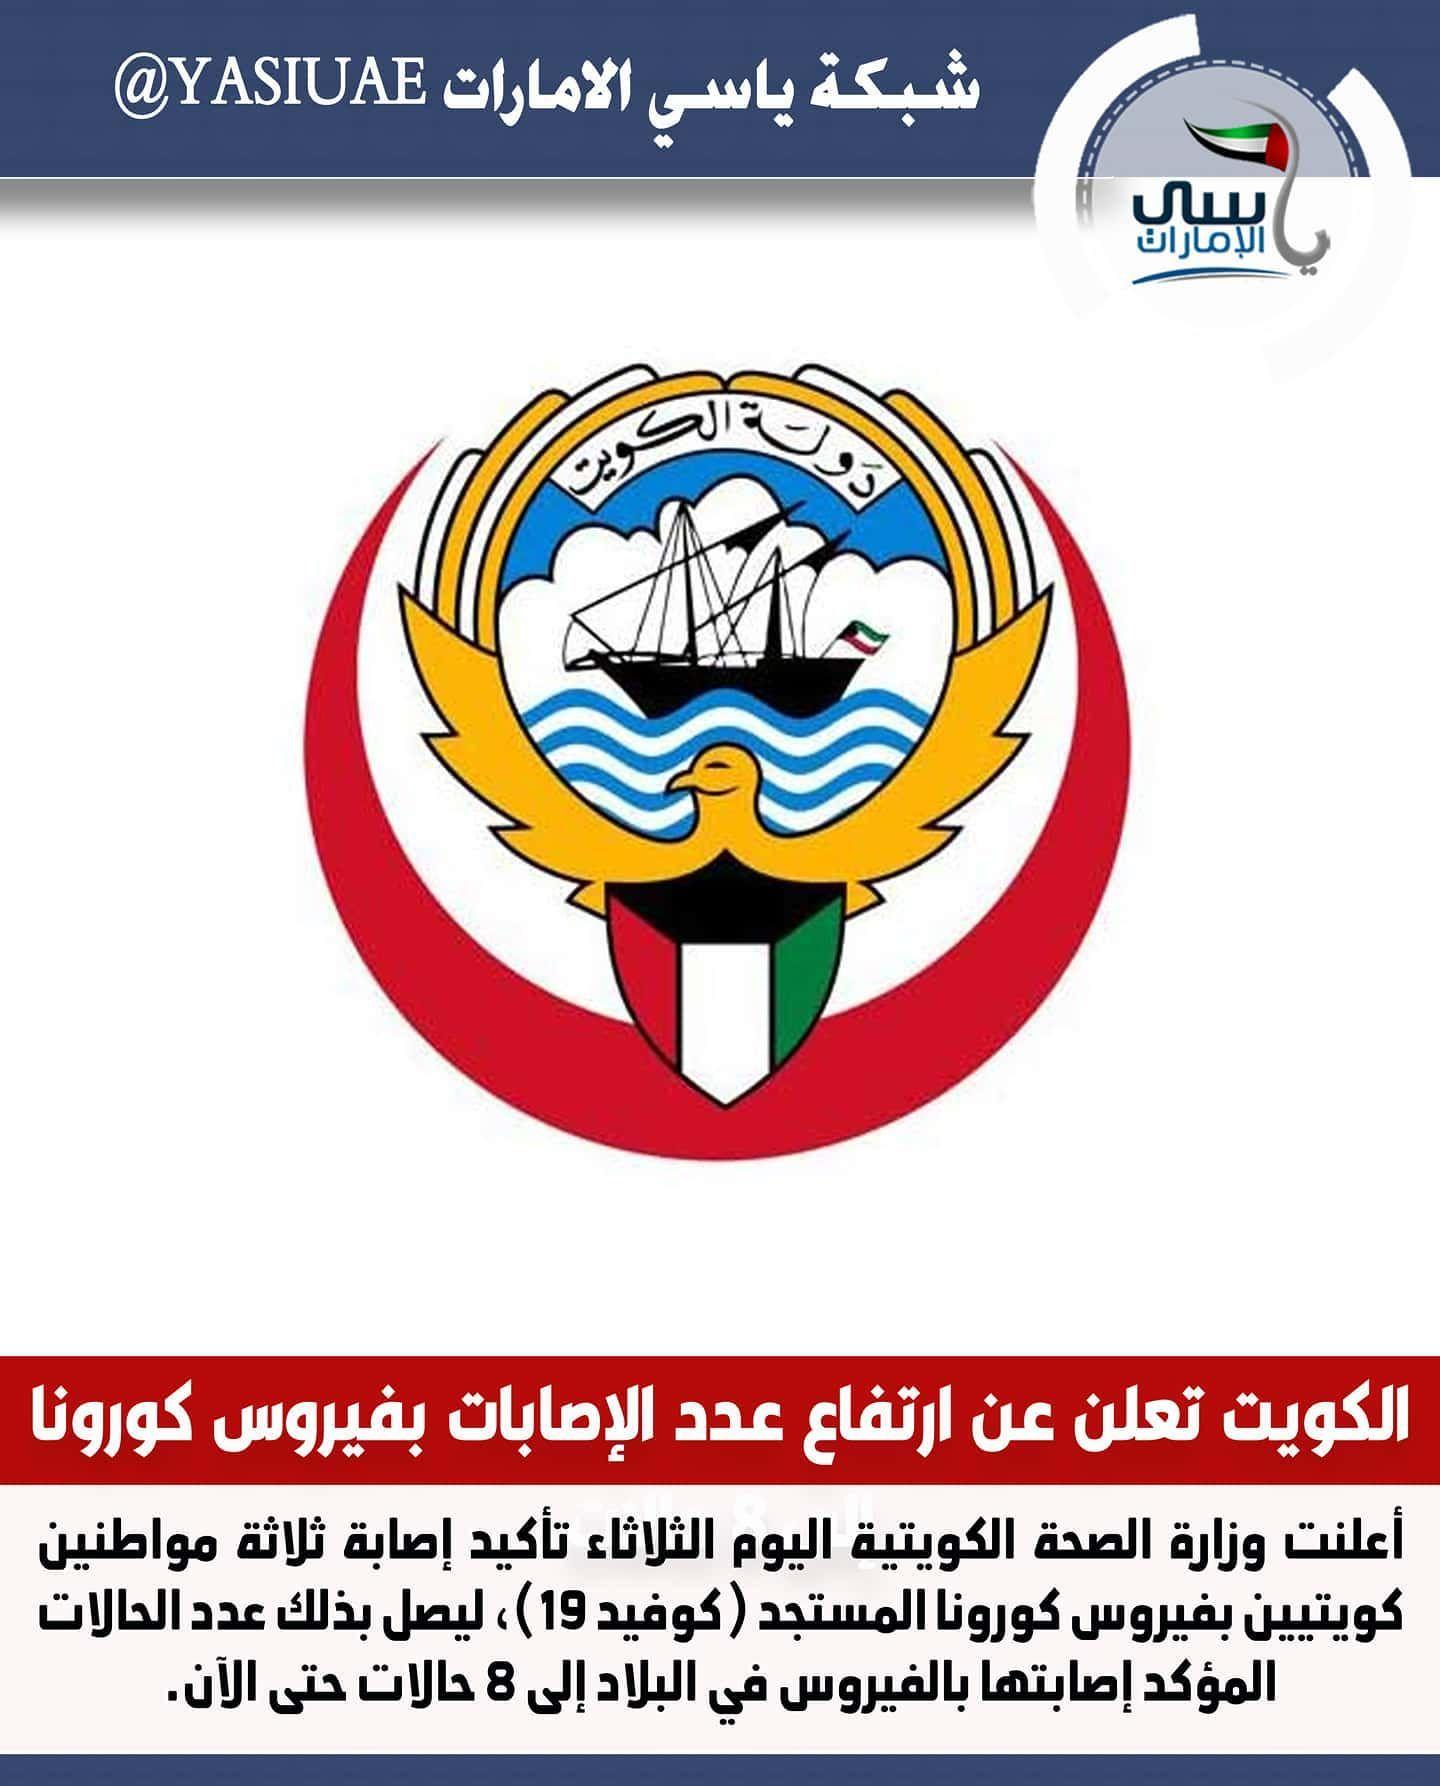 الكويت تعلن عن ارتفاع عدد الإصابات بفيروس كورونا إلى 8 حالات ياسي الامارات شبكة ياسي الامارات شبكة ياسي الامارات الاخباري Sis